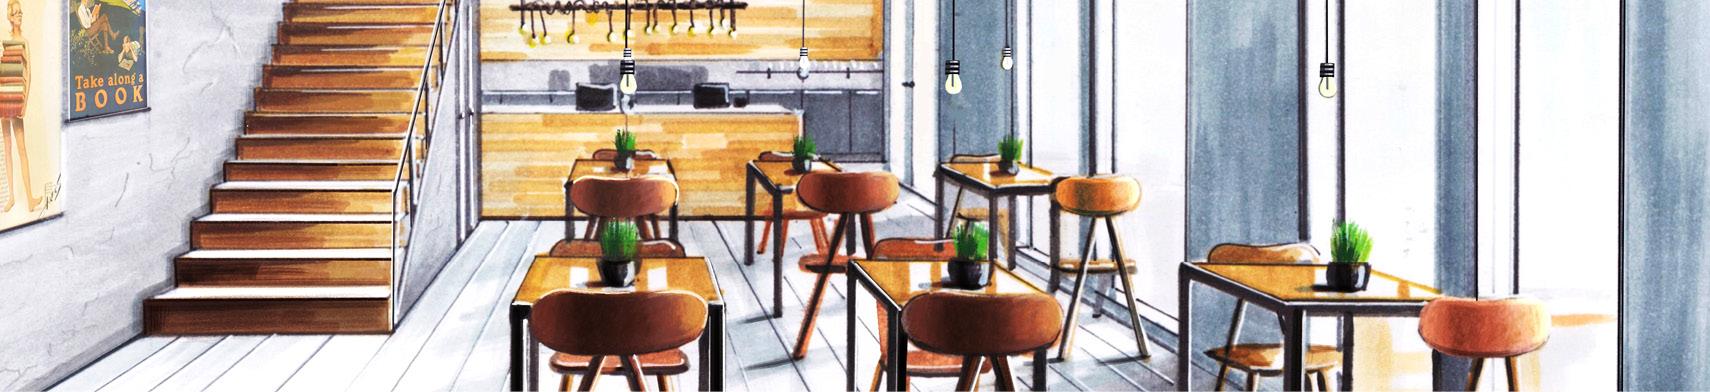 perspectief tekening van een café met trap